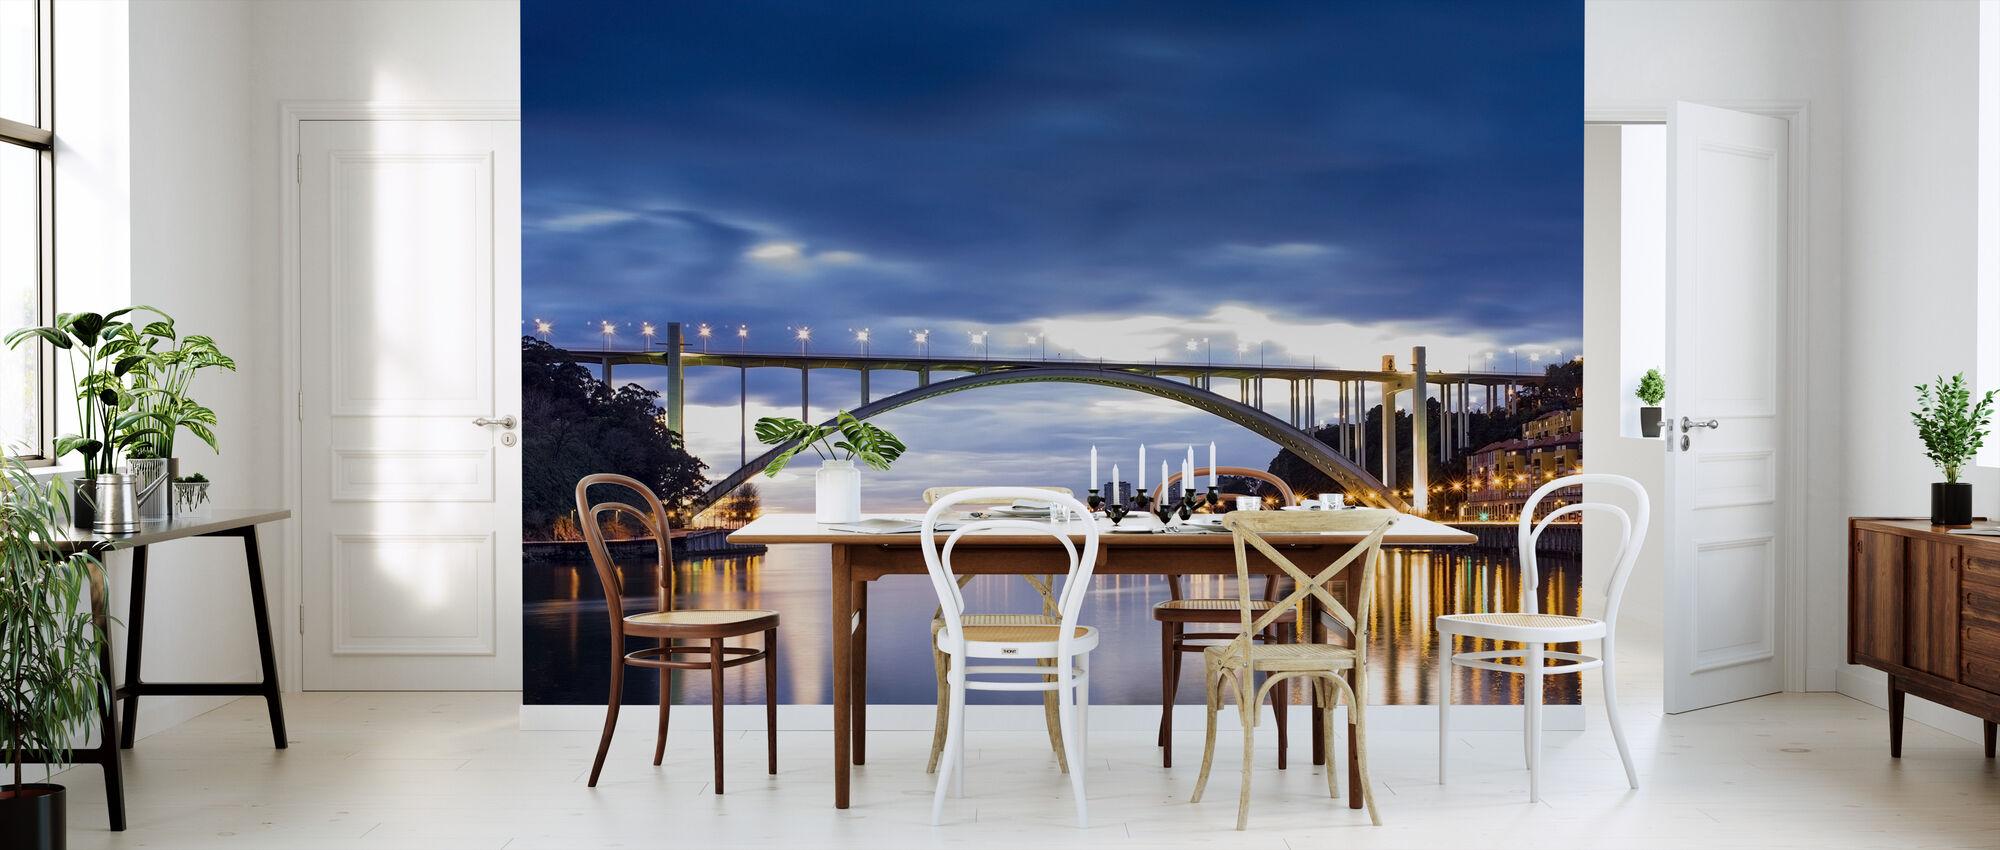 porto - Tapet - Kjøkken